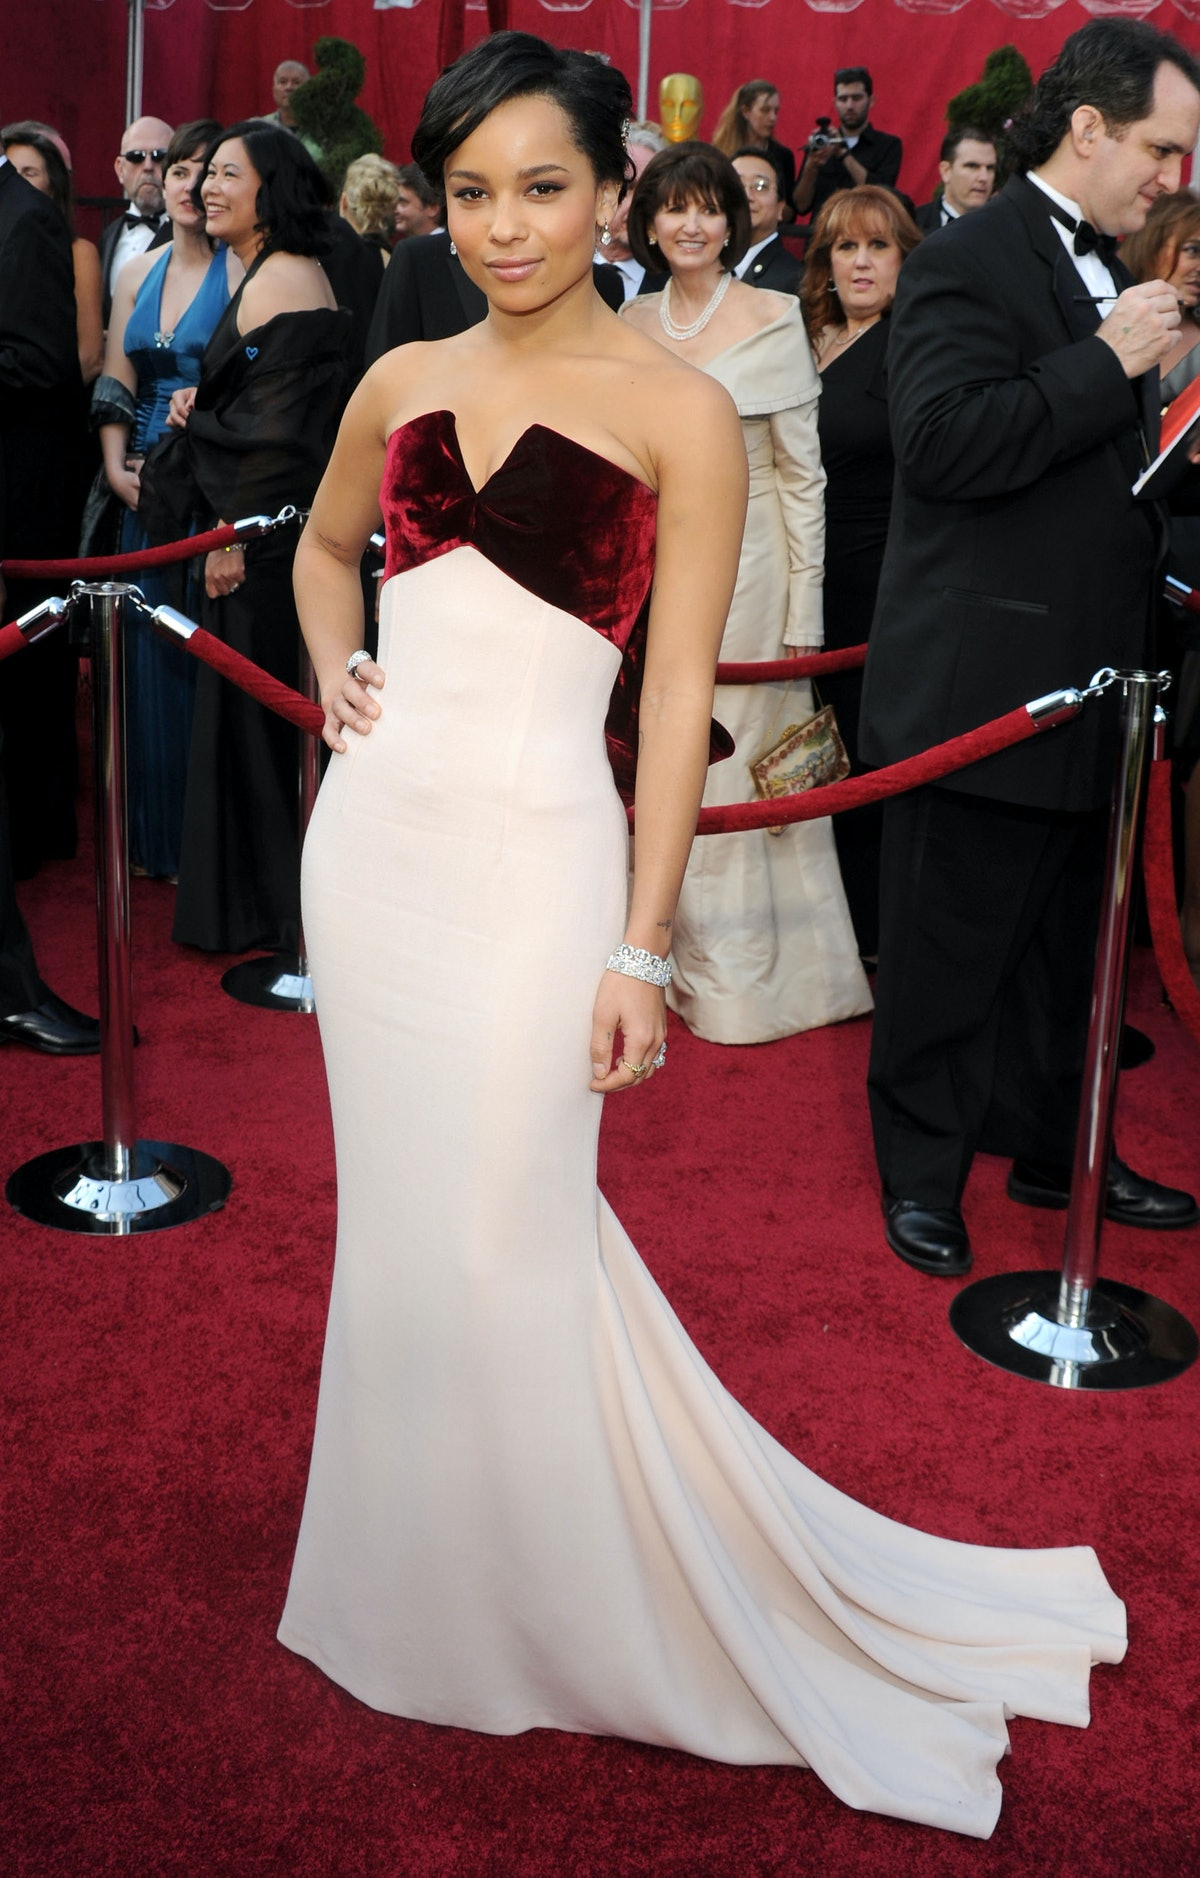 Zoe Kravitz's first oscars dress.